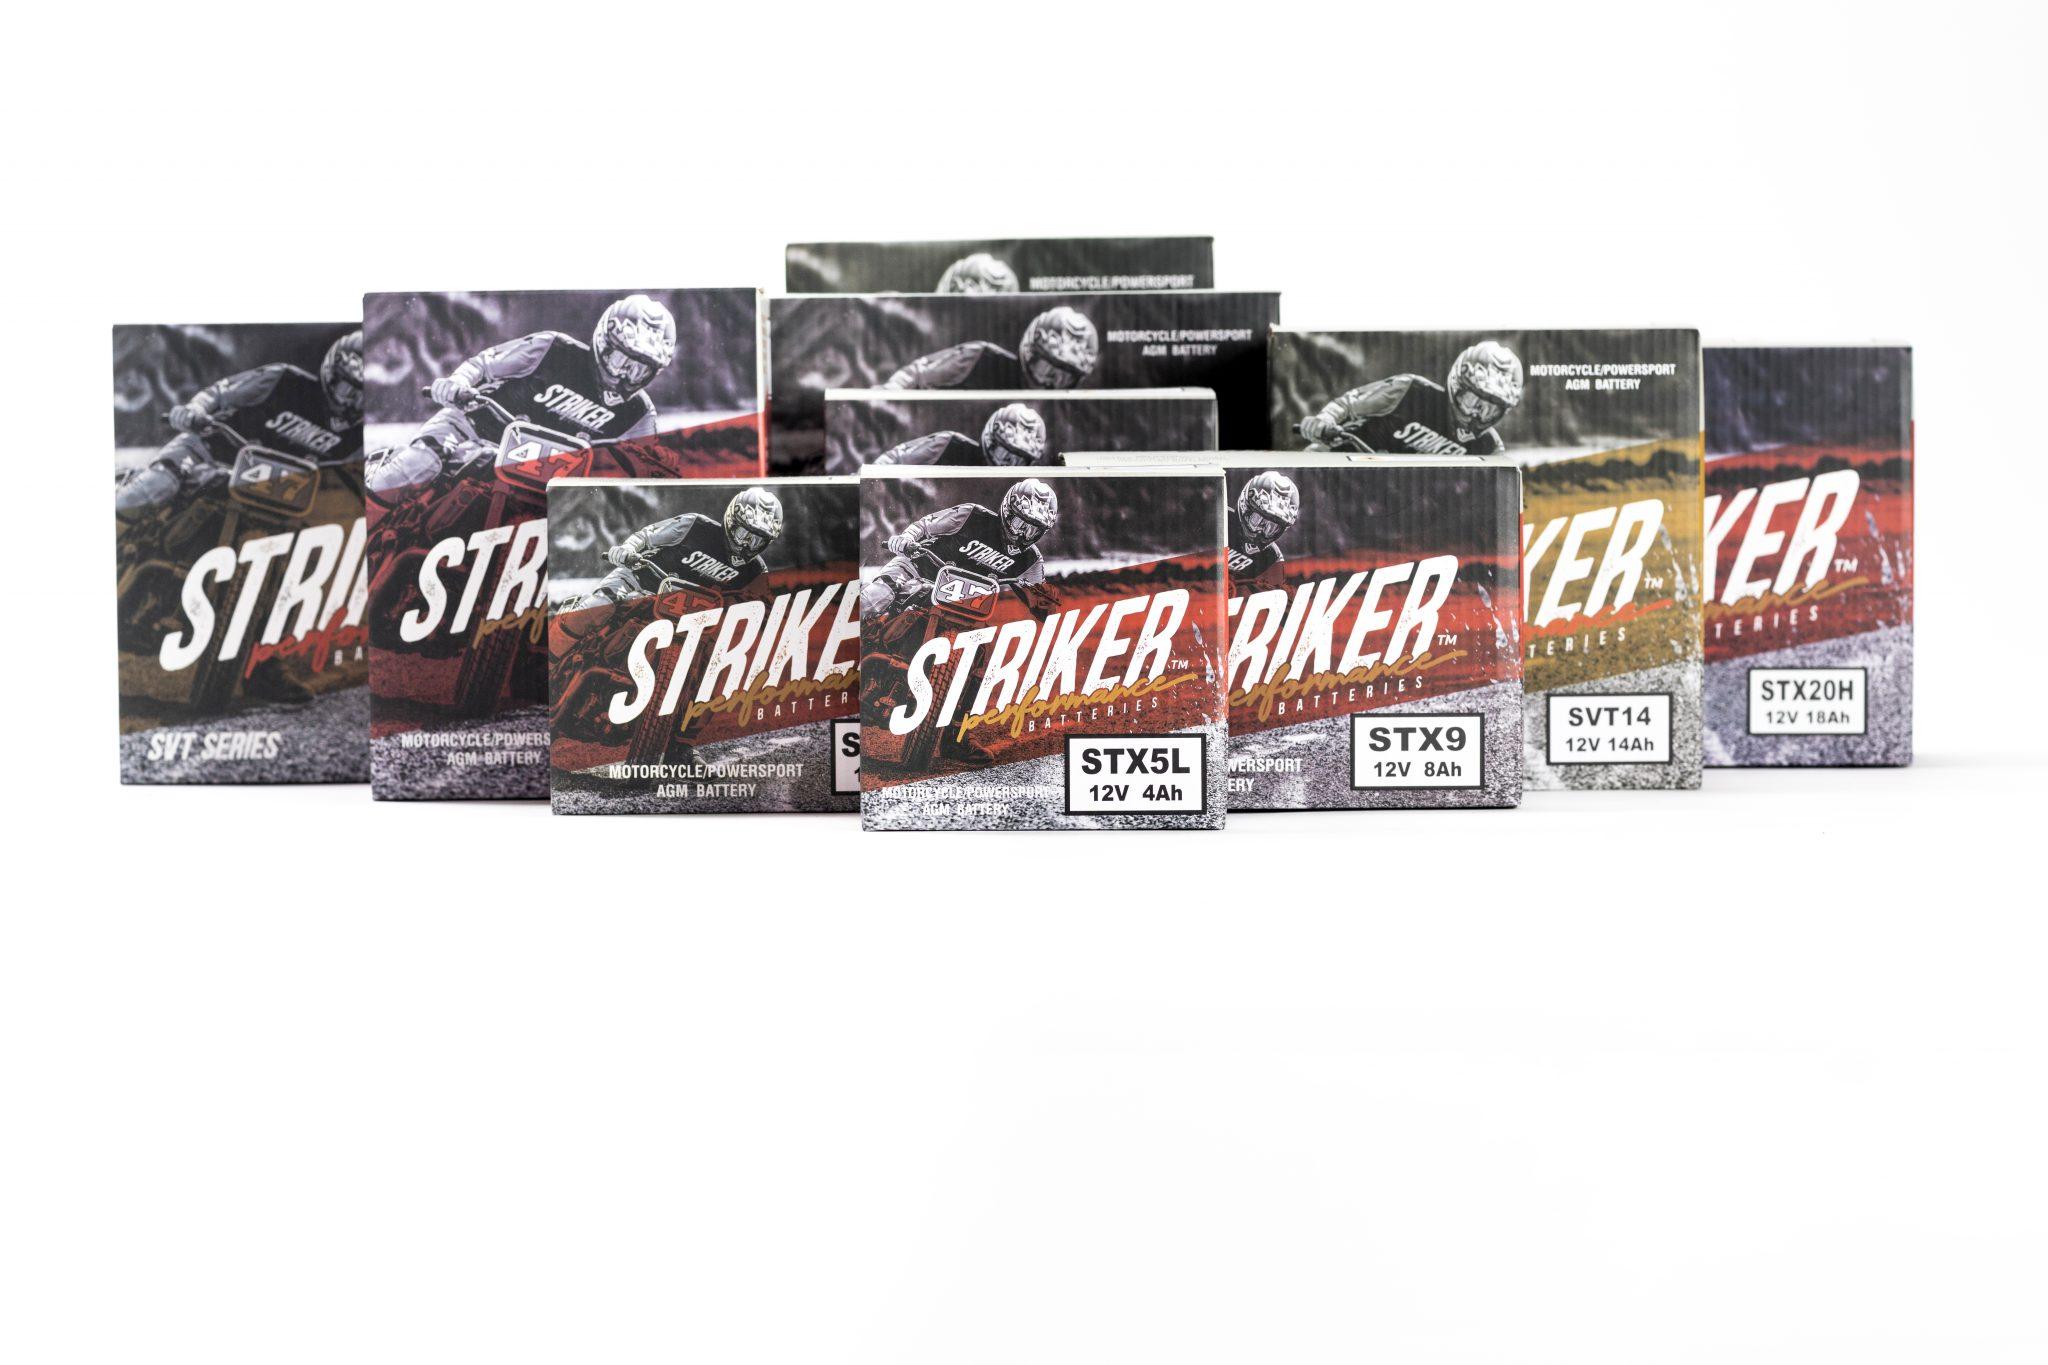 Striker Lithium Batteries Brand Development Joplin MO